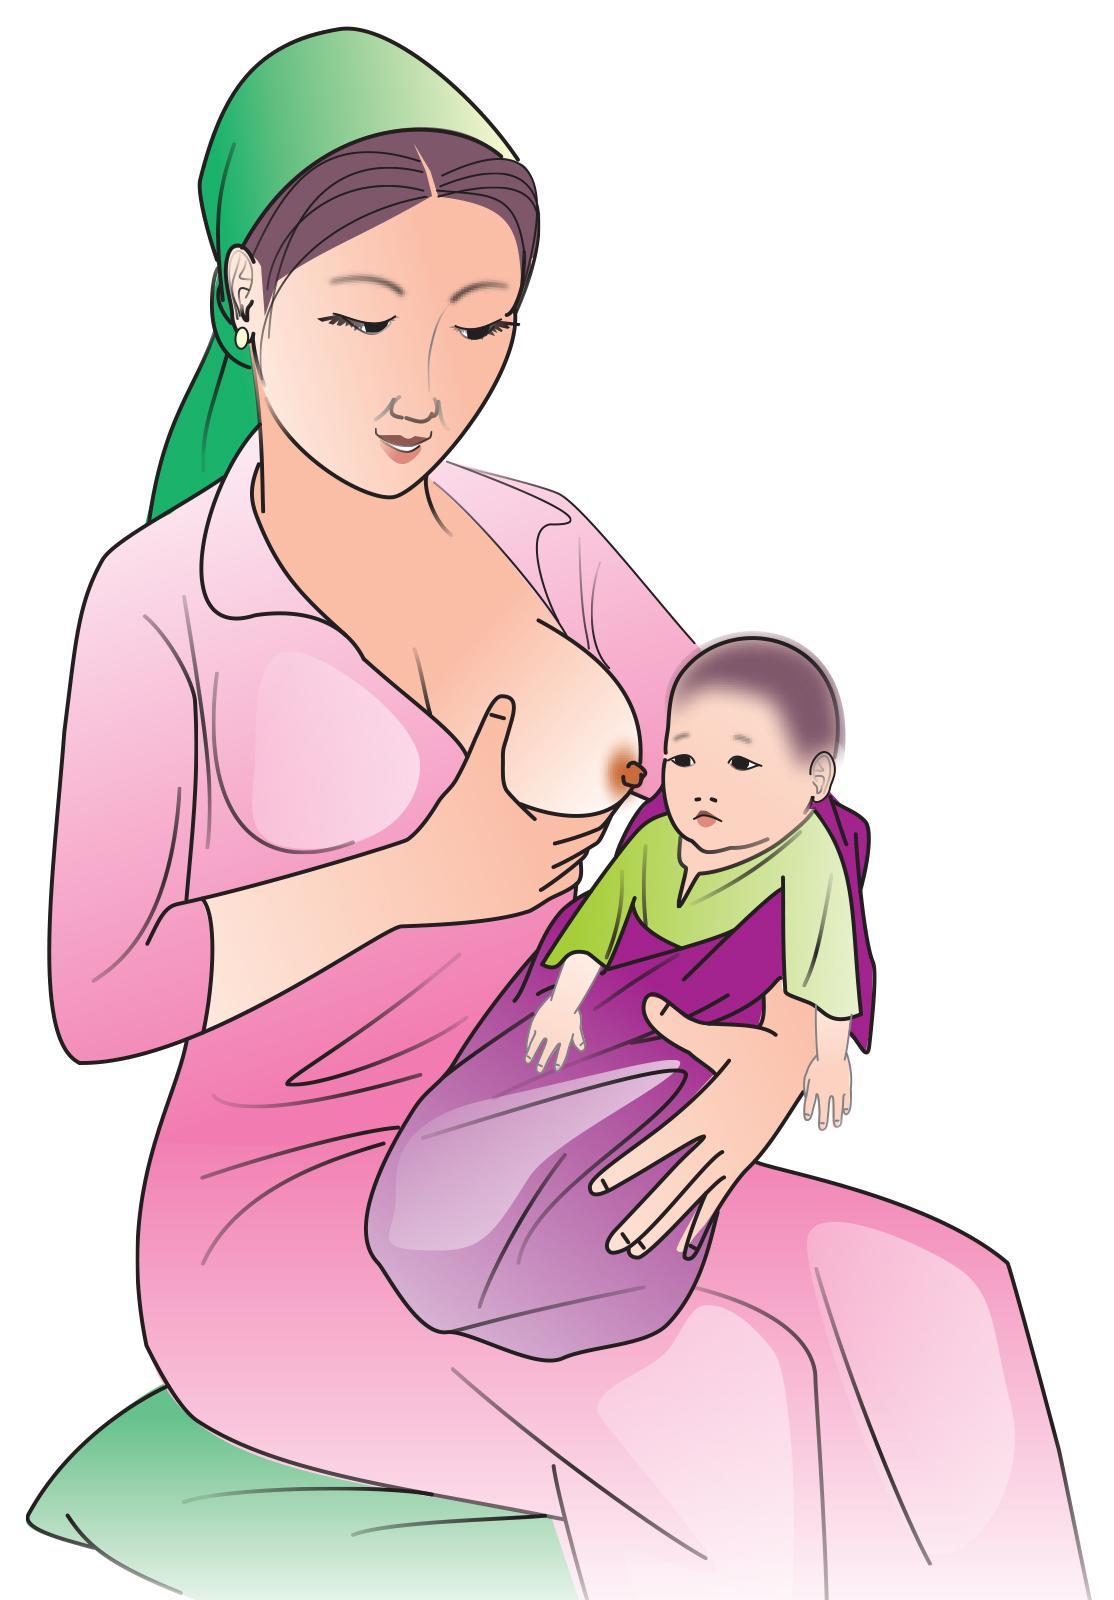 Sick Child Health - Breastfeeding a sick child 0-24mo - 02 - Kyrgyz Republic